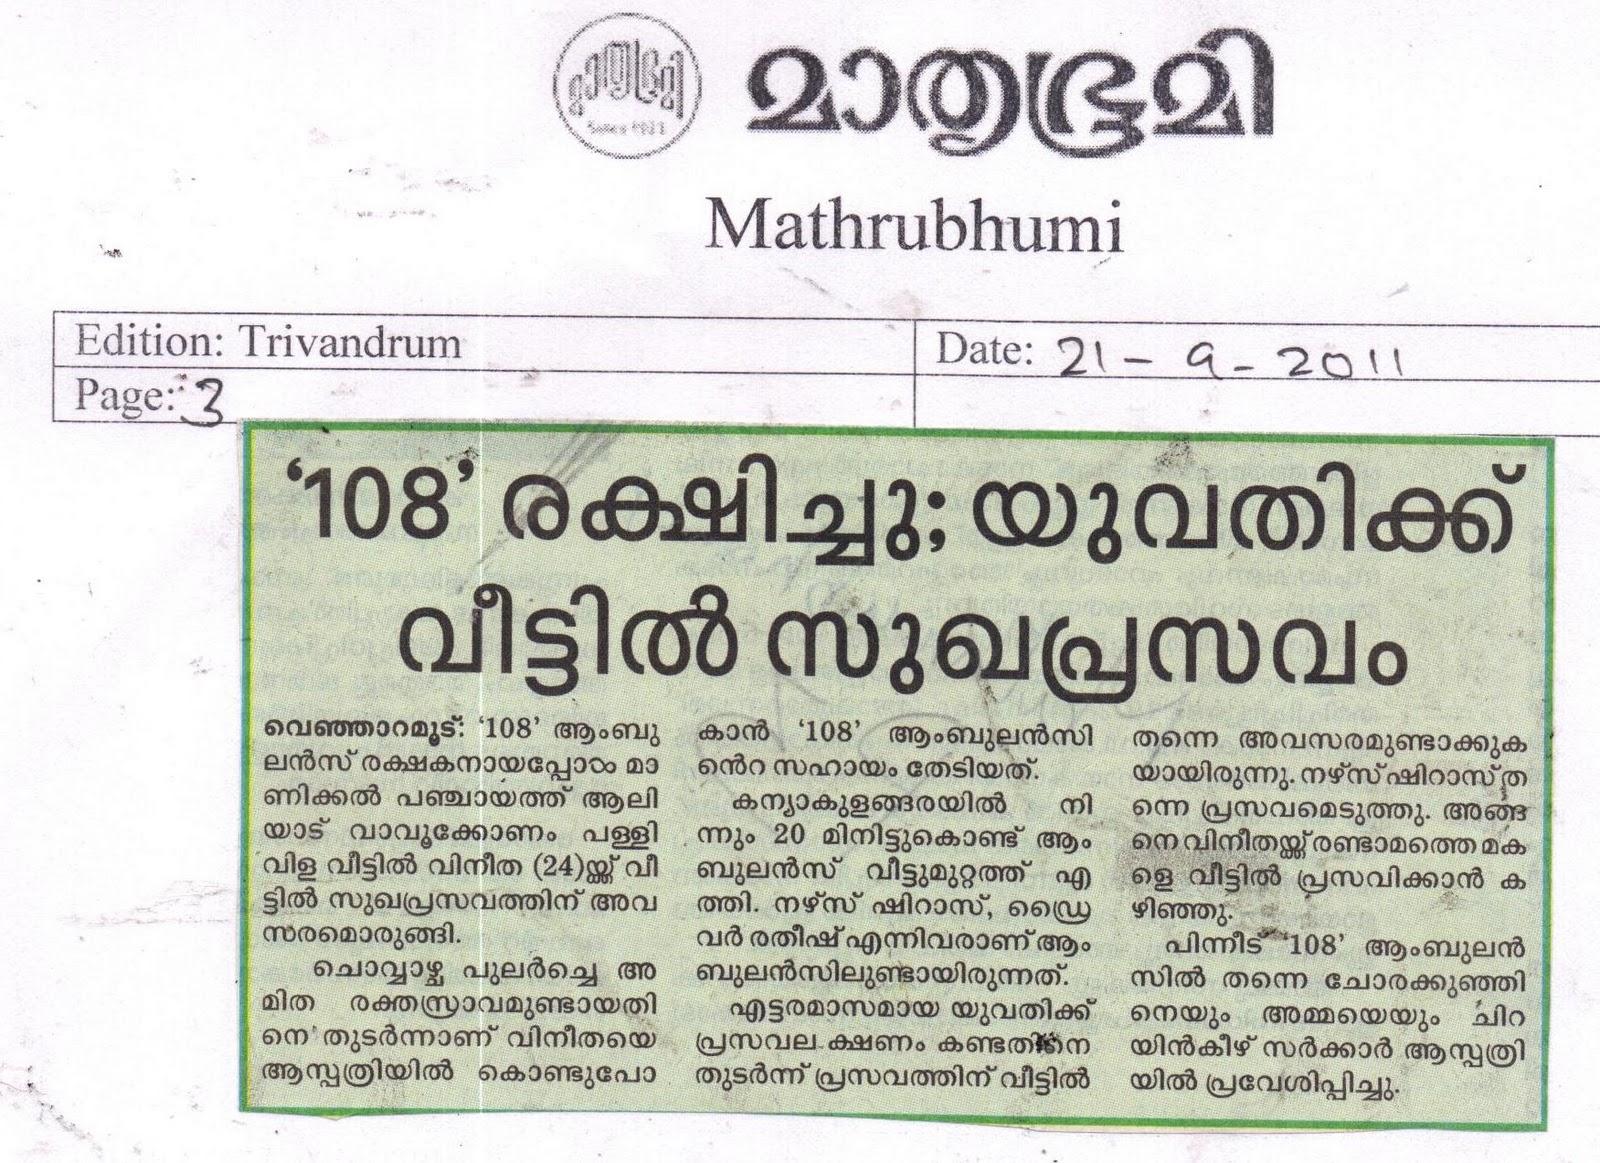 Mathrubhumi A Daily Journal Covered Ambulance Kerala On St